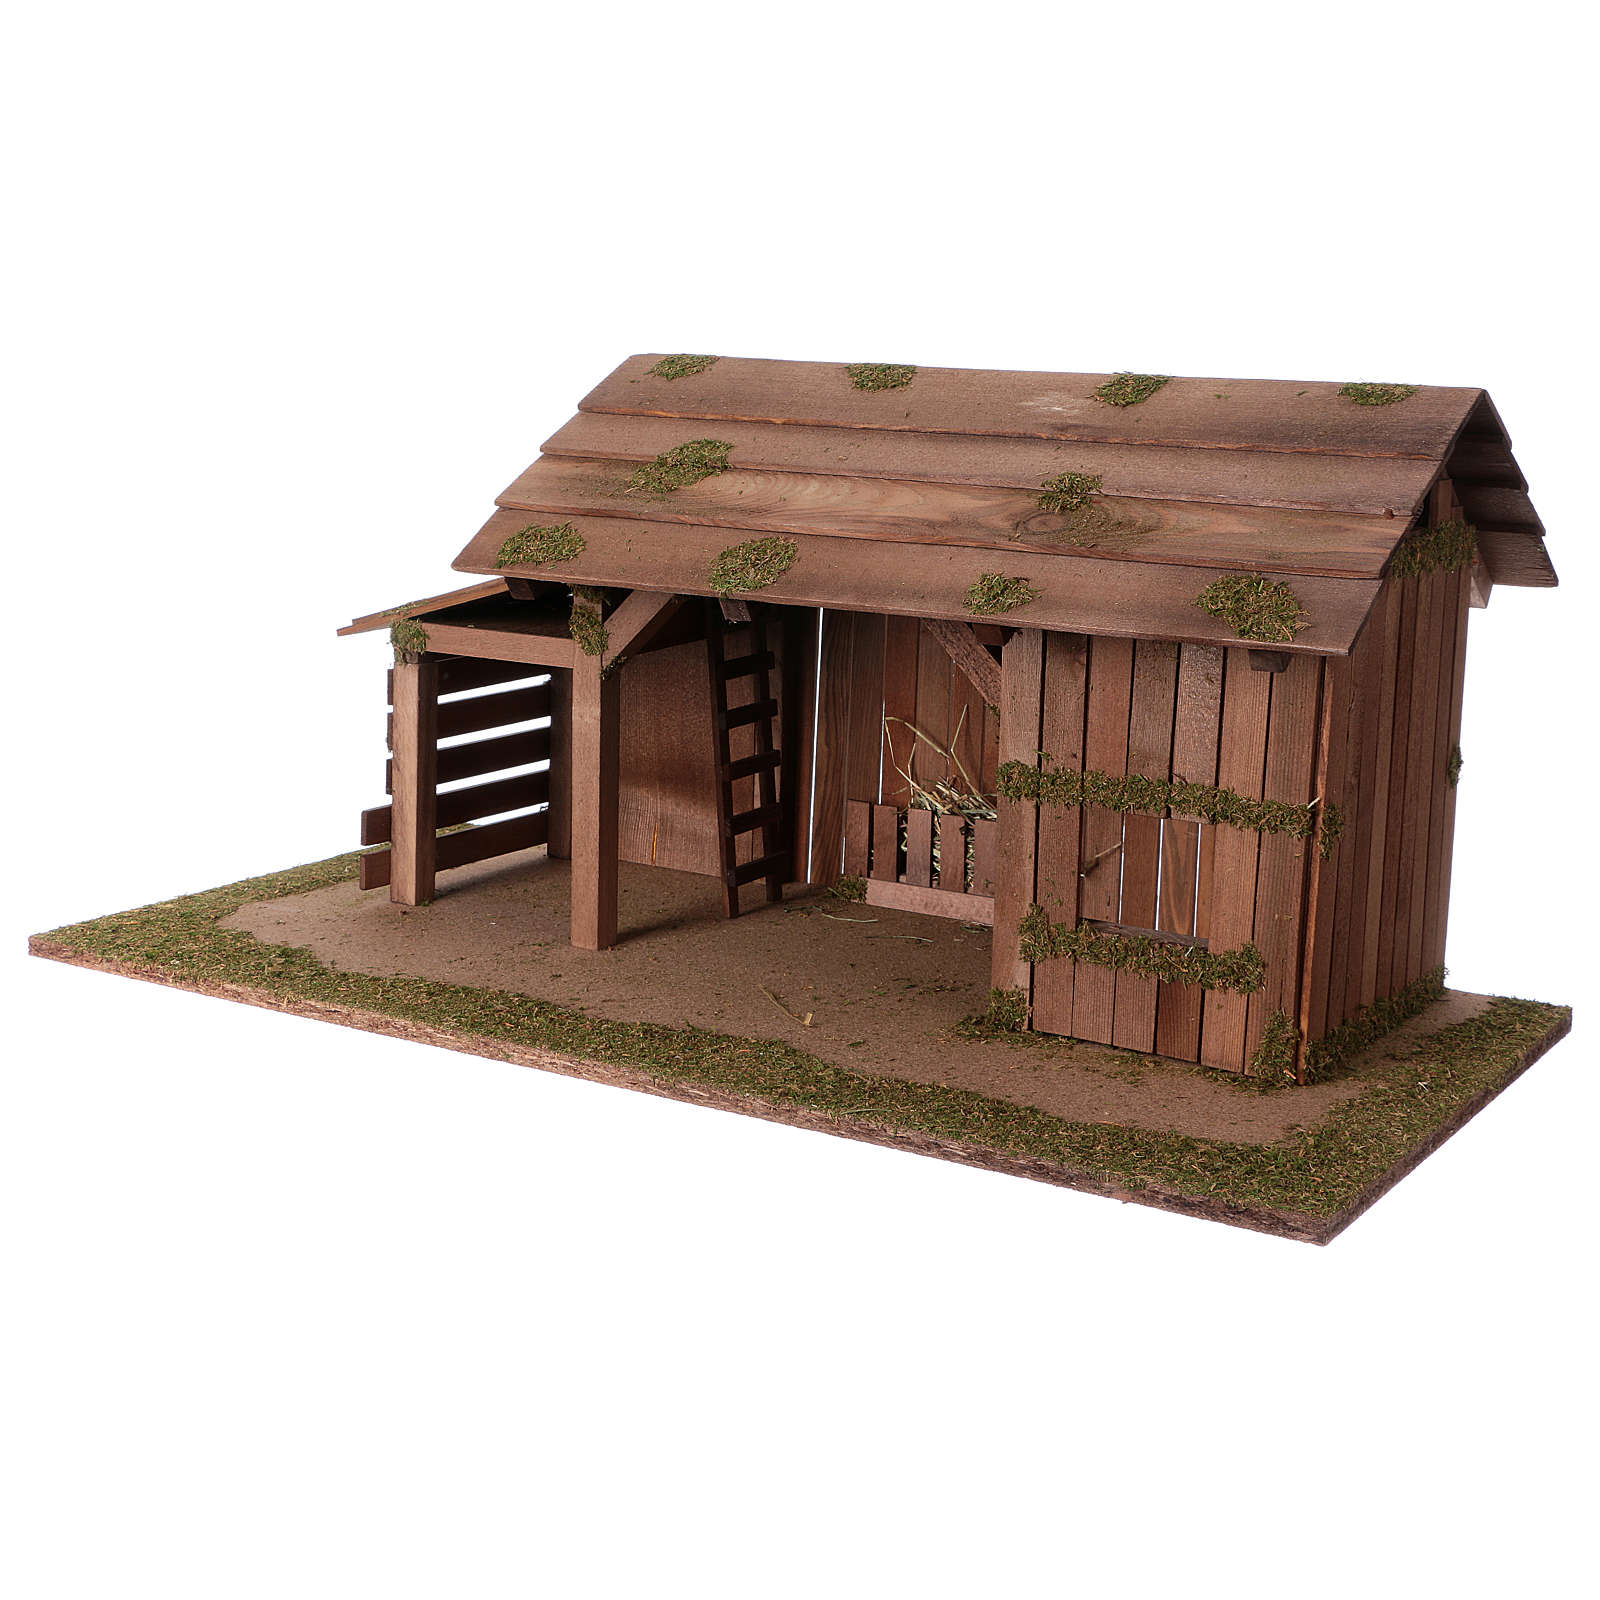 Cabane en bois avec étable 31x70x35 cm pour crèche de 15 cm 4